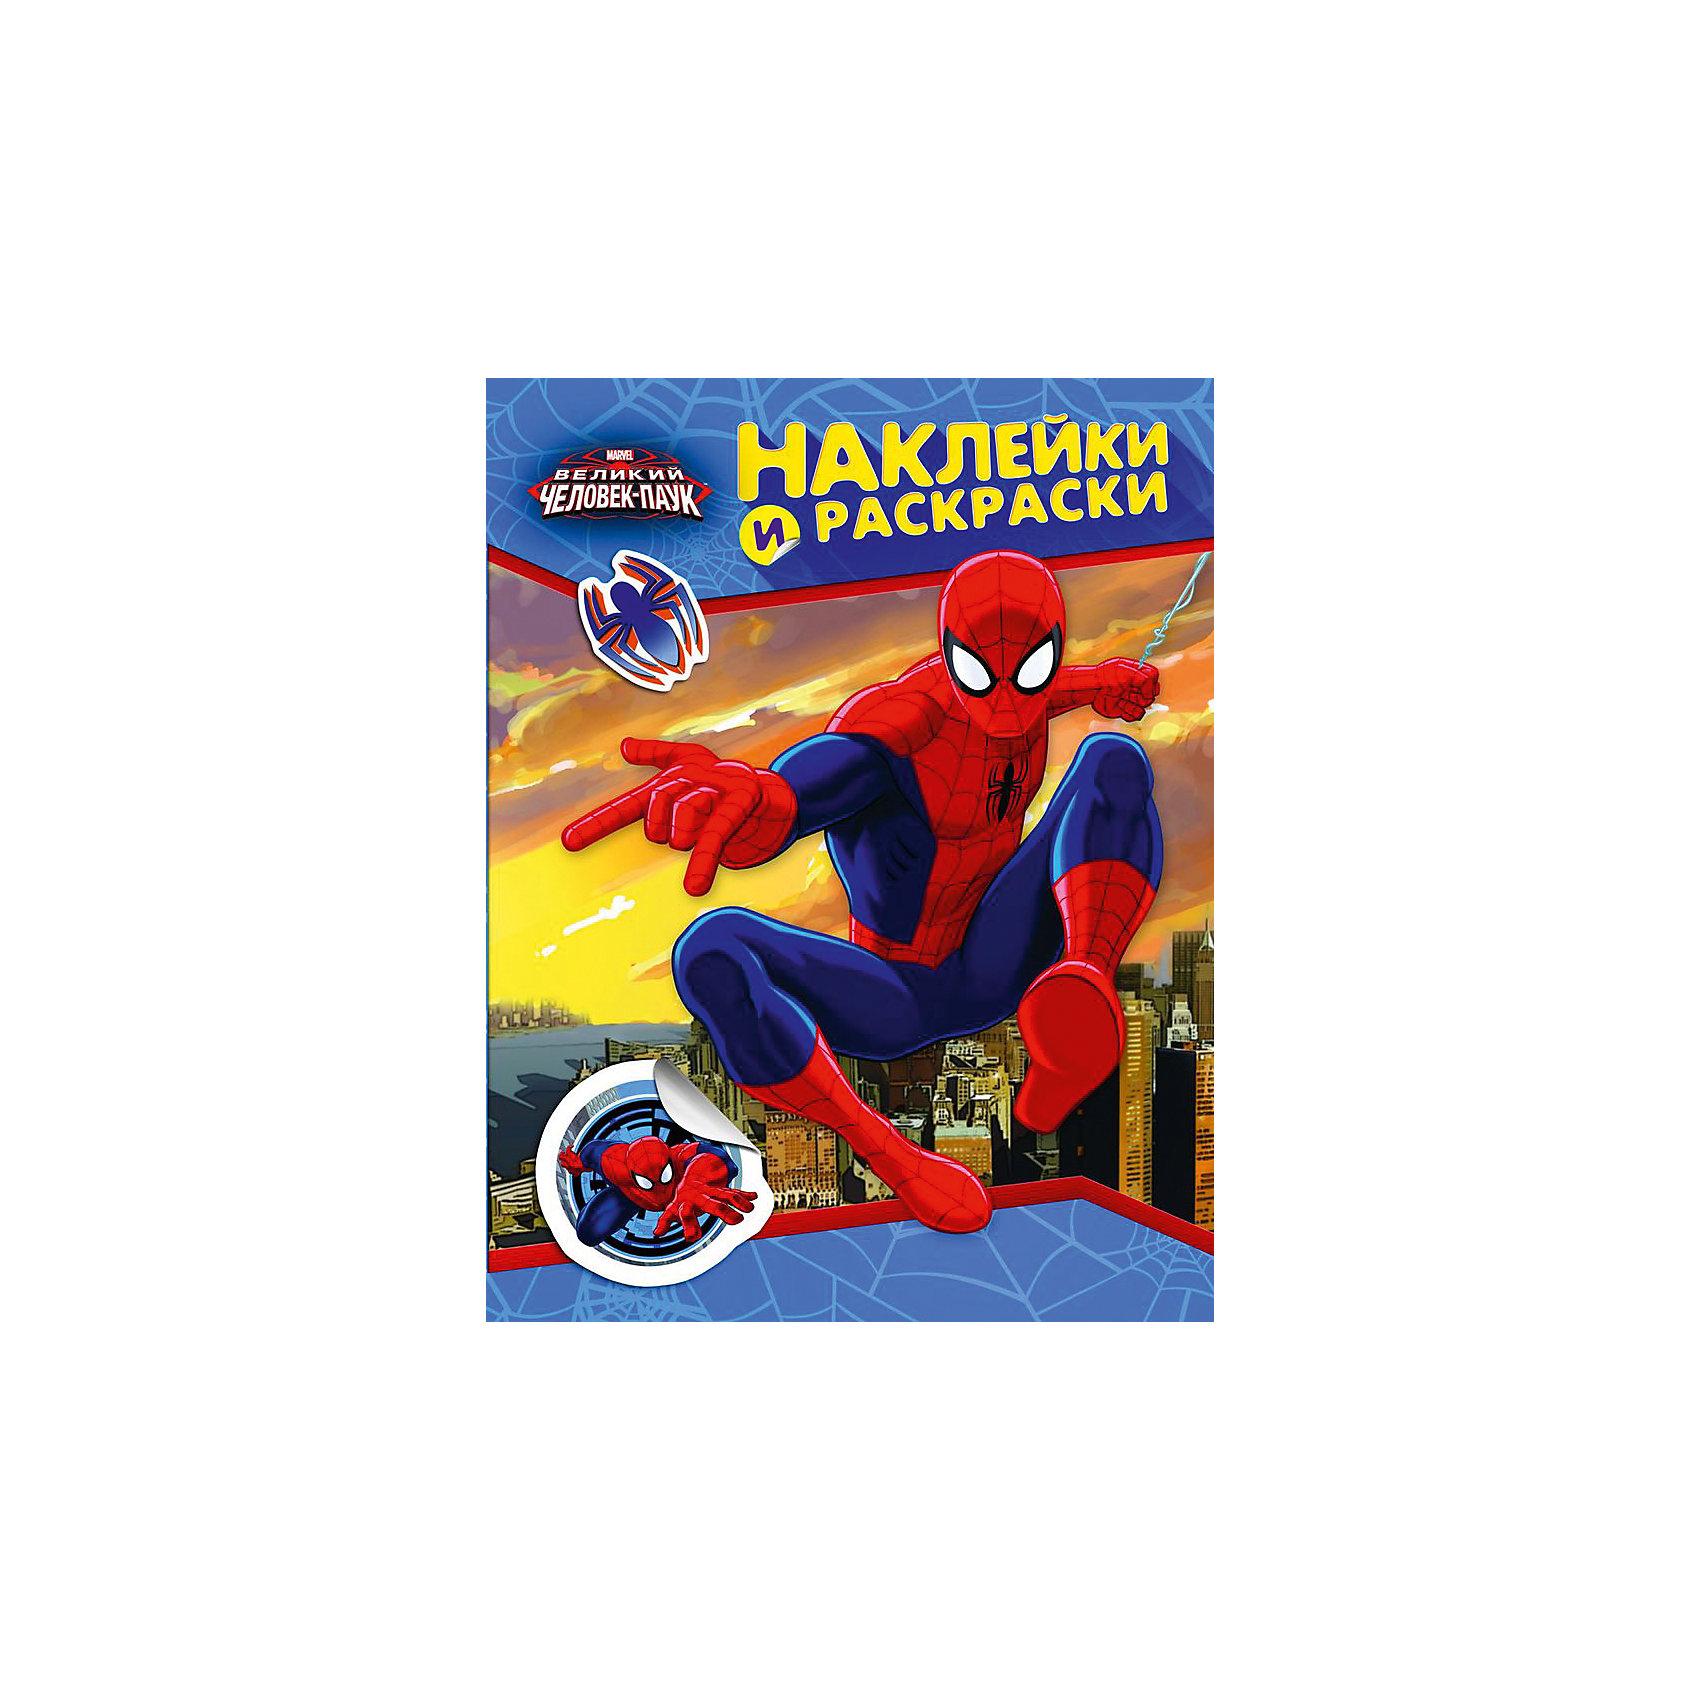 Наклейки и раскраски, Человек-ПаукКниги для мальчиков<br>Наклейки и раскраски, Человек-Паук, - красочное издание, которое придется по душе всем маленьким поклонникам фильмов и комиксов о Человеке-Пауке (Spider-Man). На каждом развороте раскраски - два рисунка с любимым героем, цветной и черно-белый. Черно-белый рисунок предлагается раскрасить по цветному образцу, а цветной - сравнить с черно-белым и дополнить недостающими деталями-наклейками. Наклейки можно также использовать для украшения своих вещей.<br><br>Дополнительная информация:<br><br>- Материал: бумага.<br>- Размер: 27,5 х 21 х 0,3 см.<br>- Вес: 80 гр.<br><br>Наклейки и раскраски, Человек-Паук, можно купить в нашем интернет-магазине.<br><br>Ширина мм: 275<br>Глубина мм: 210<br>Высота мм: 3<br>Вес г: 80<br>Возраст от месяцев: 24<br>Возраст до месяцев: 72<br>Пол: Мужской<br>Возраст: Детский<br>SKU: 4046760